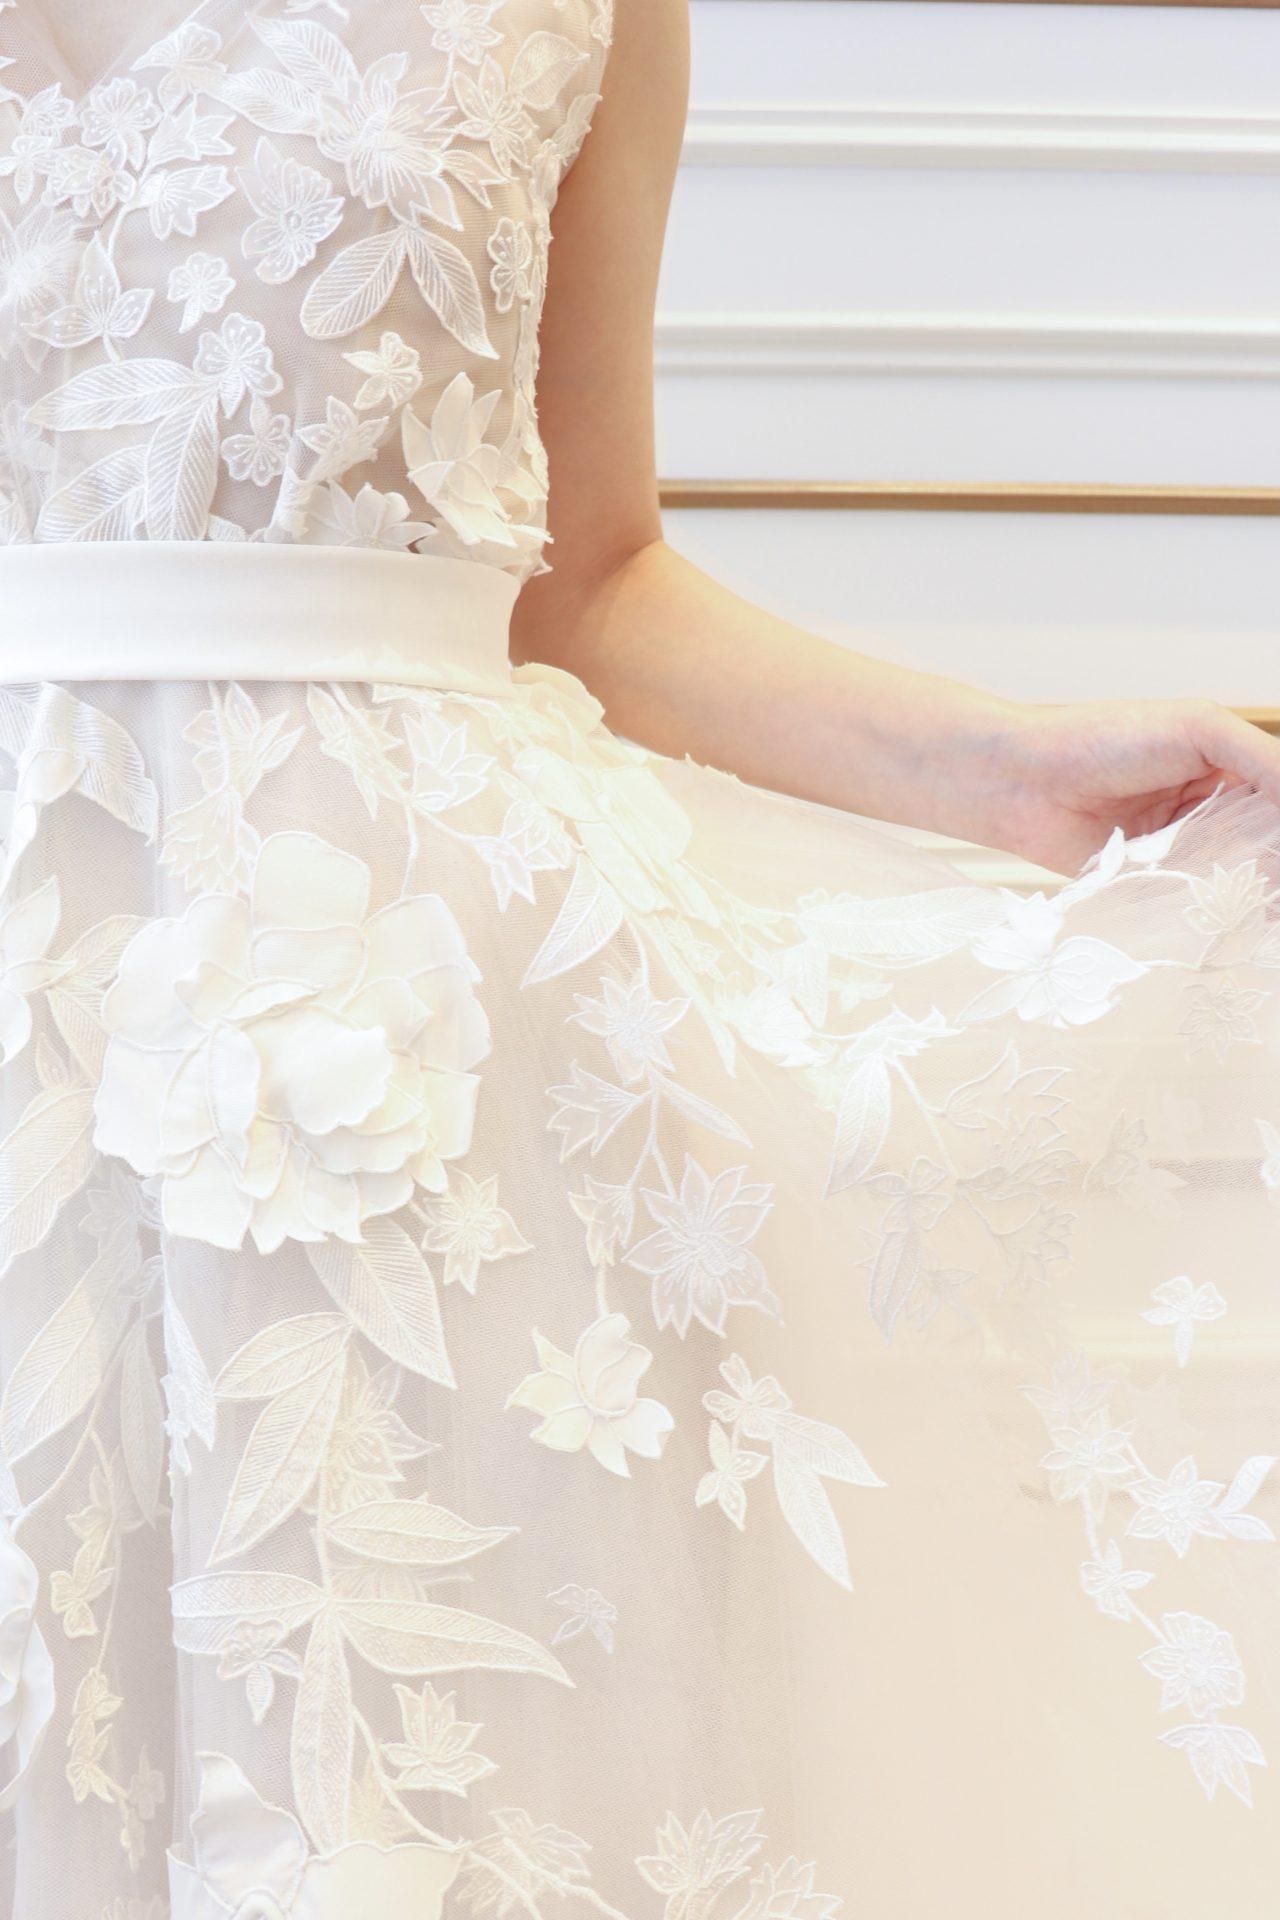 ザトリートドレッシング名古屋店がおすすめするオスカーデラレンタの柔らかなチュールウェディングドレス